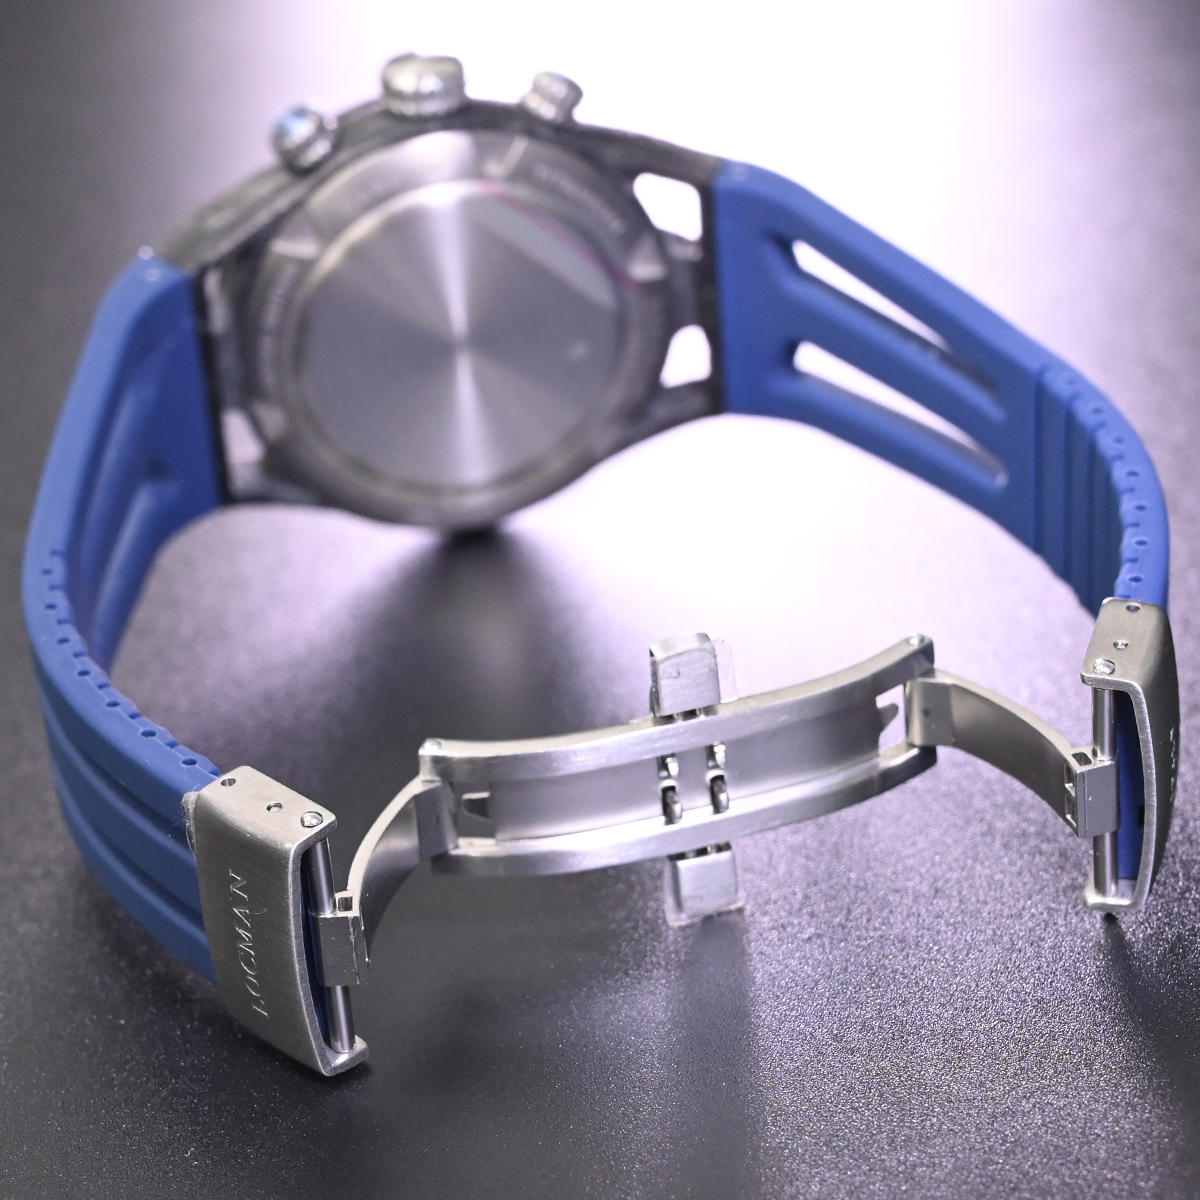 本物 新品 ロックマン 極希少 フォージドカーボン MONTECRISTO CARBON クロノグラフ メンズウォッチ 男性用腕時計 元箱 冊子付 LOCMAN_画像7